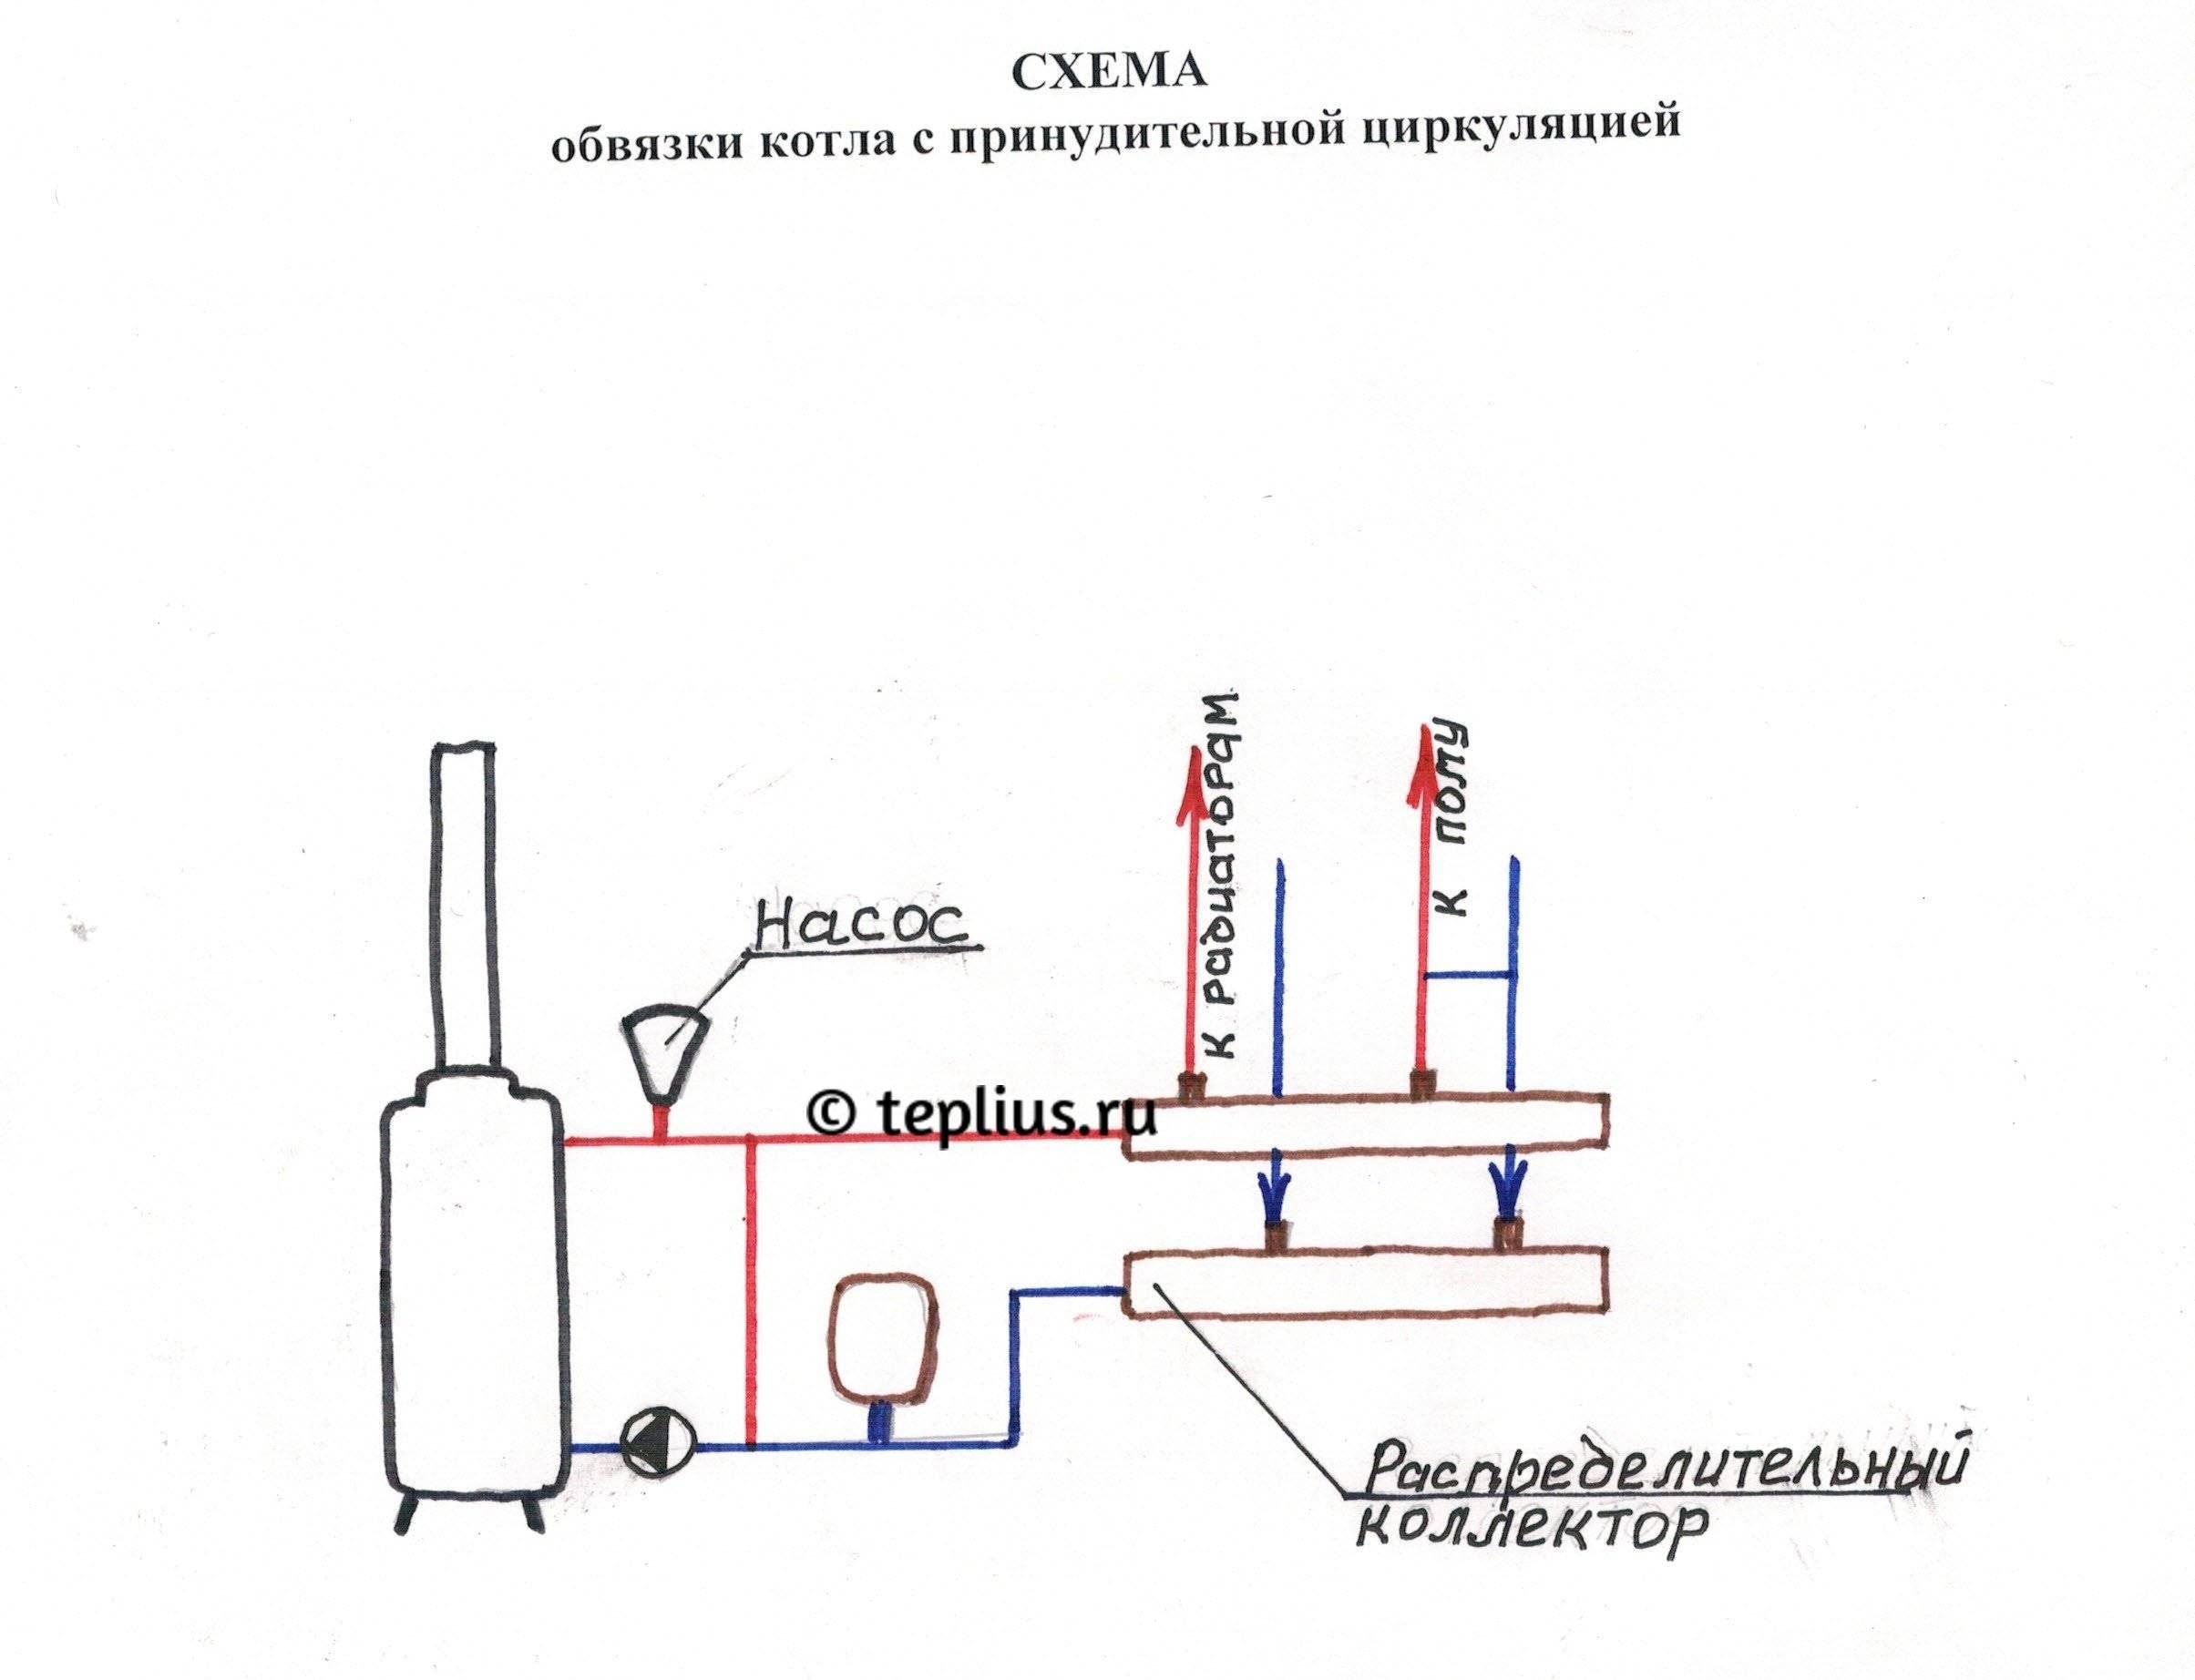 Обвязка котла отопления полипропиленом